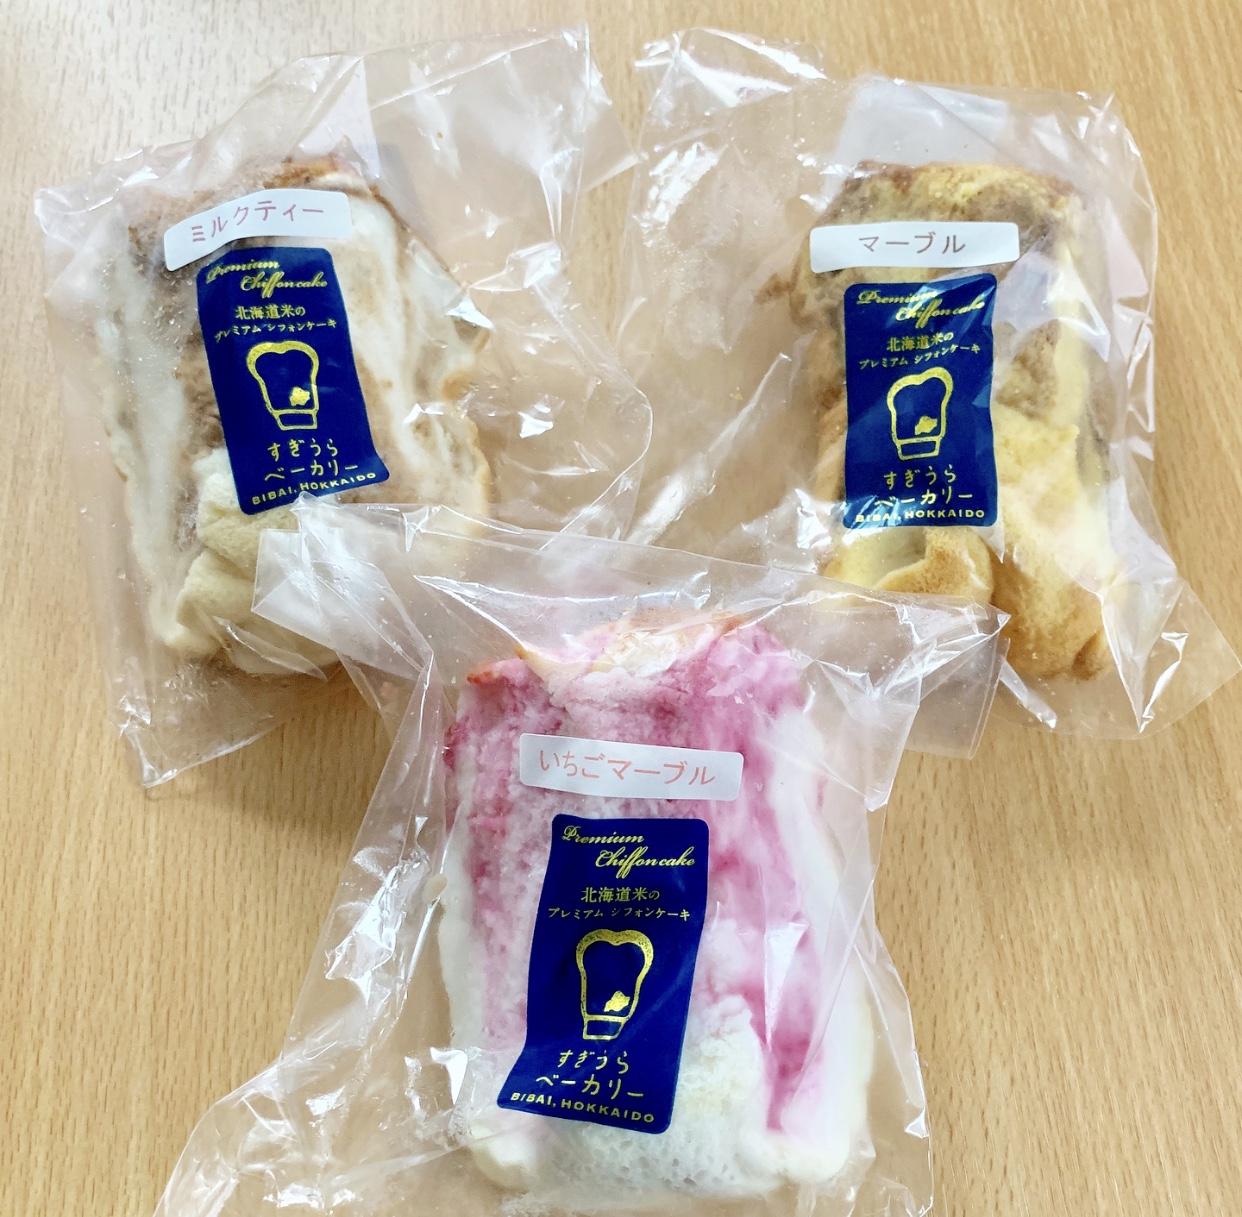 【北海道のおすすめグルメ★*゚】ぜひ食べて欲しい!ベスト3をご紹介しますっ!!_3